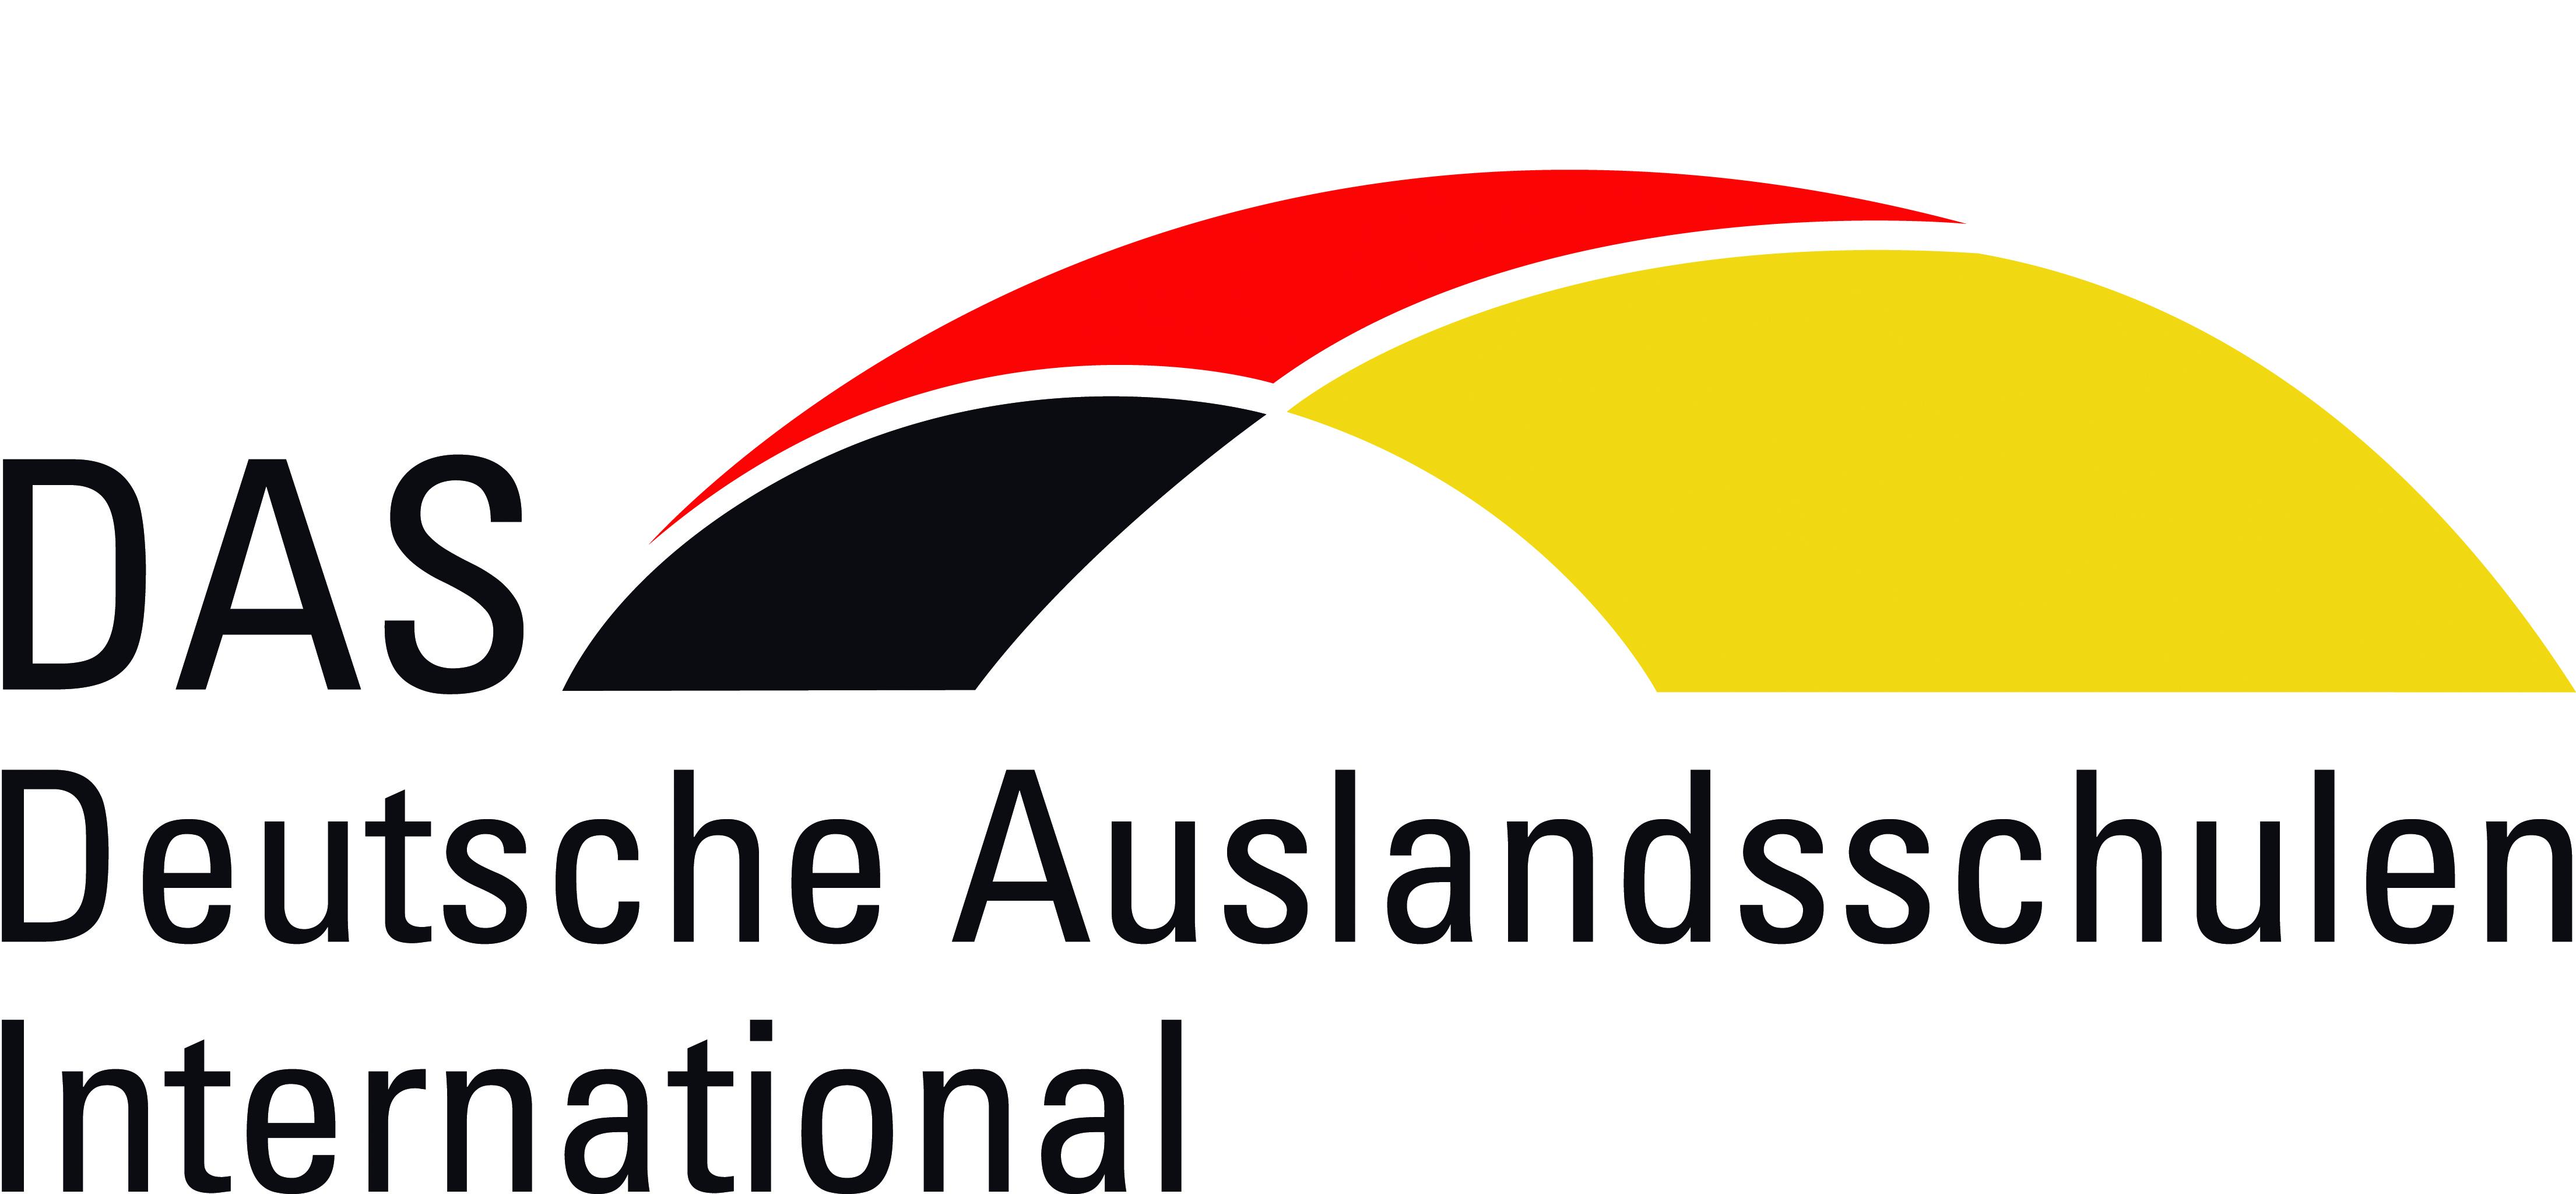 DAS-Logo_jpg.jpg?mtime=20191030112219#asset:3467